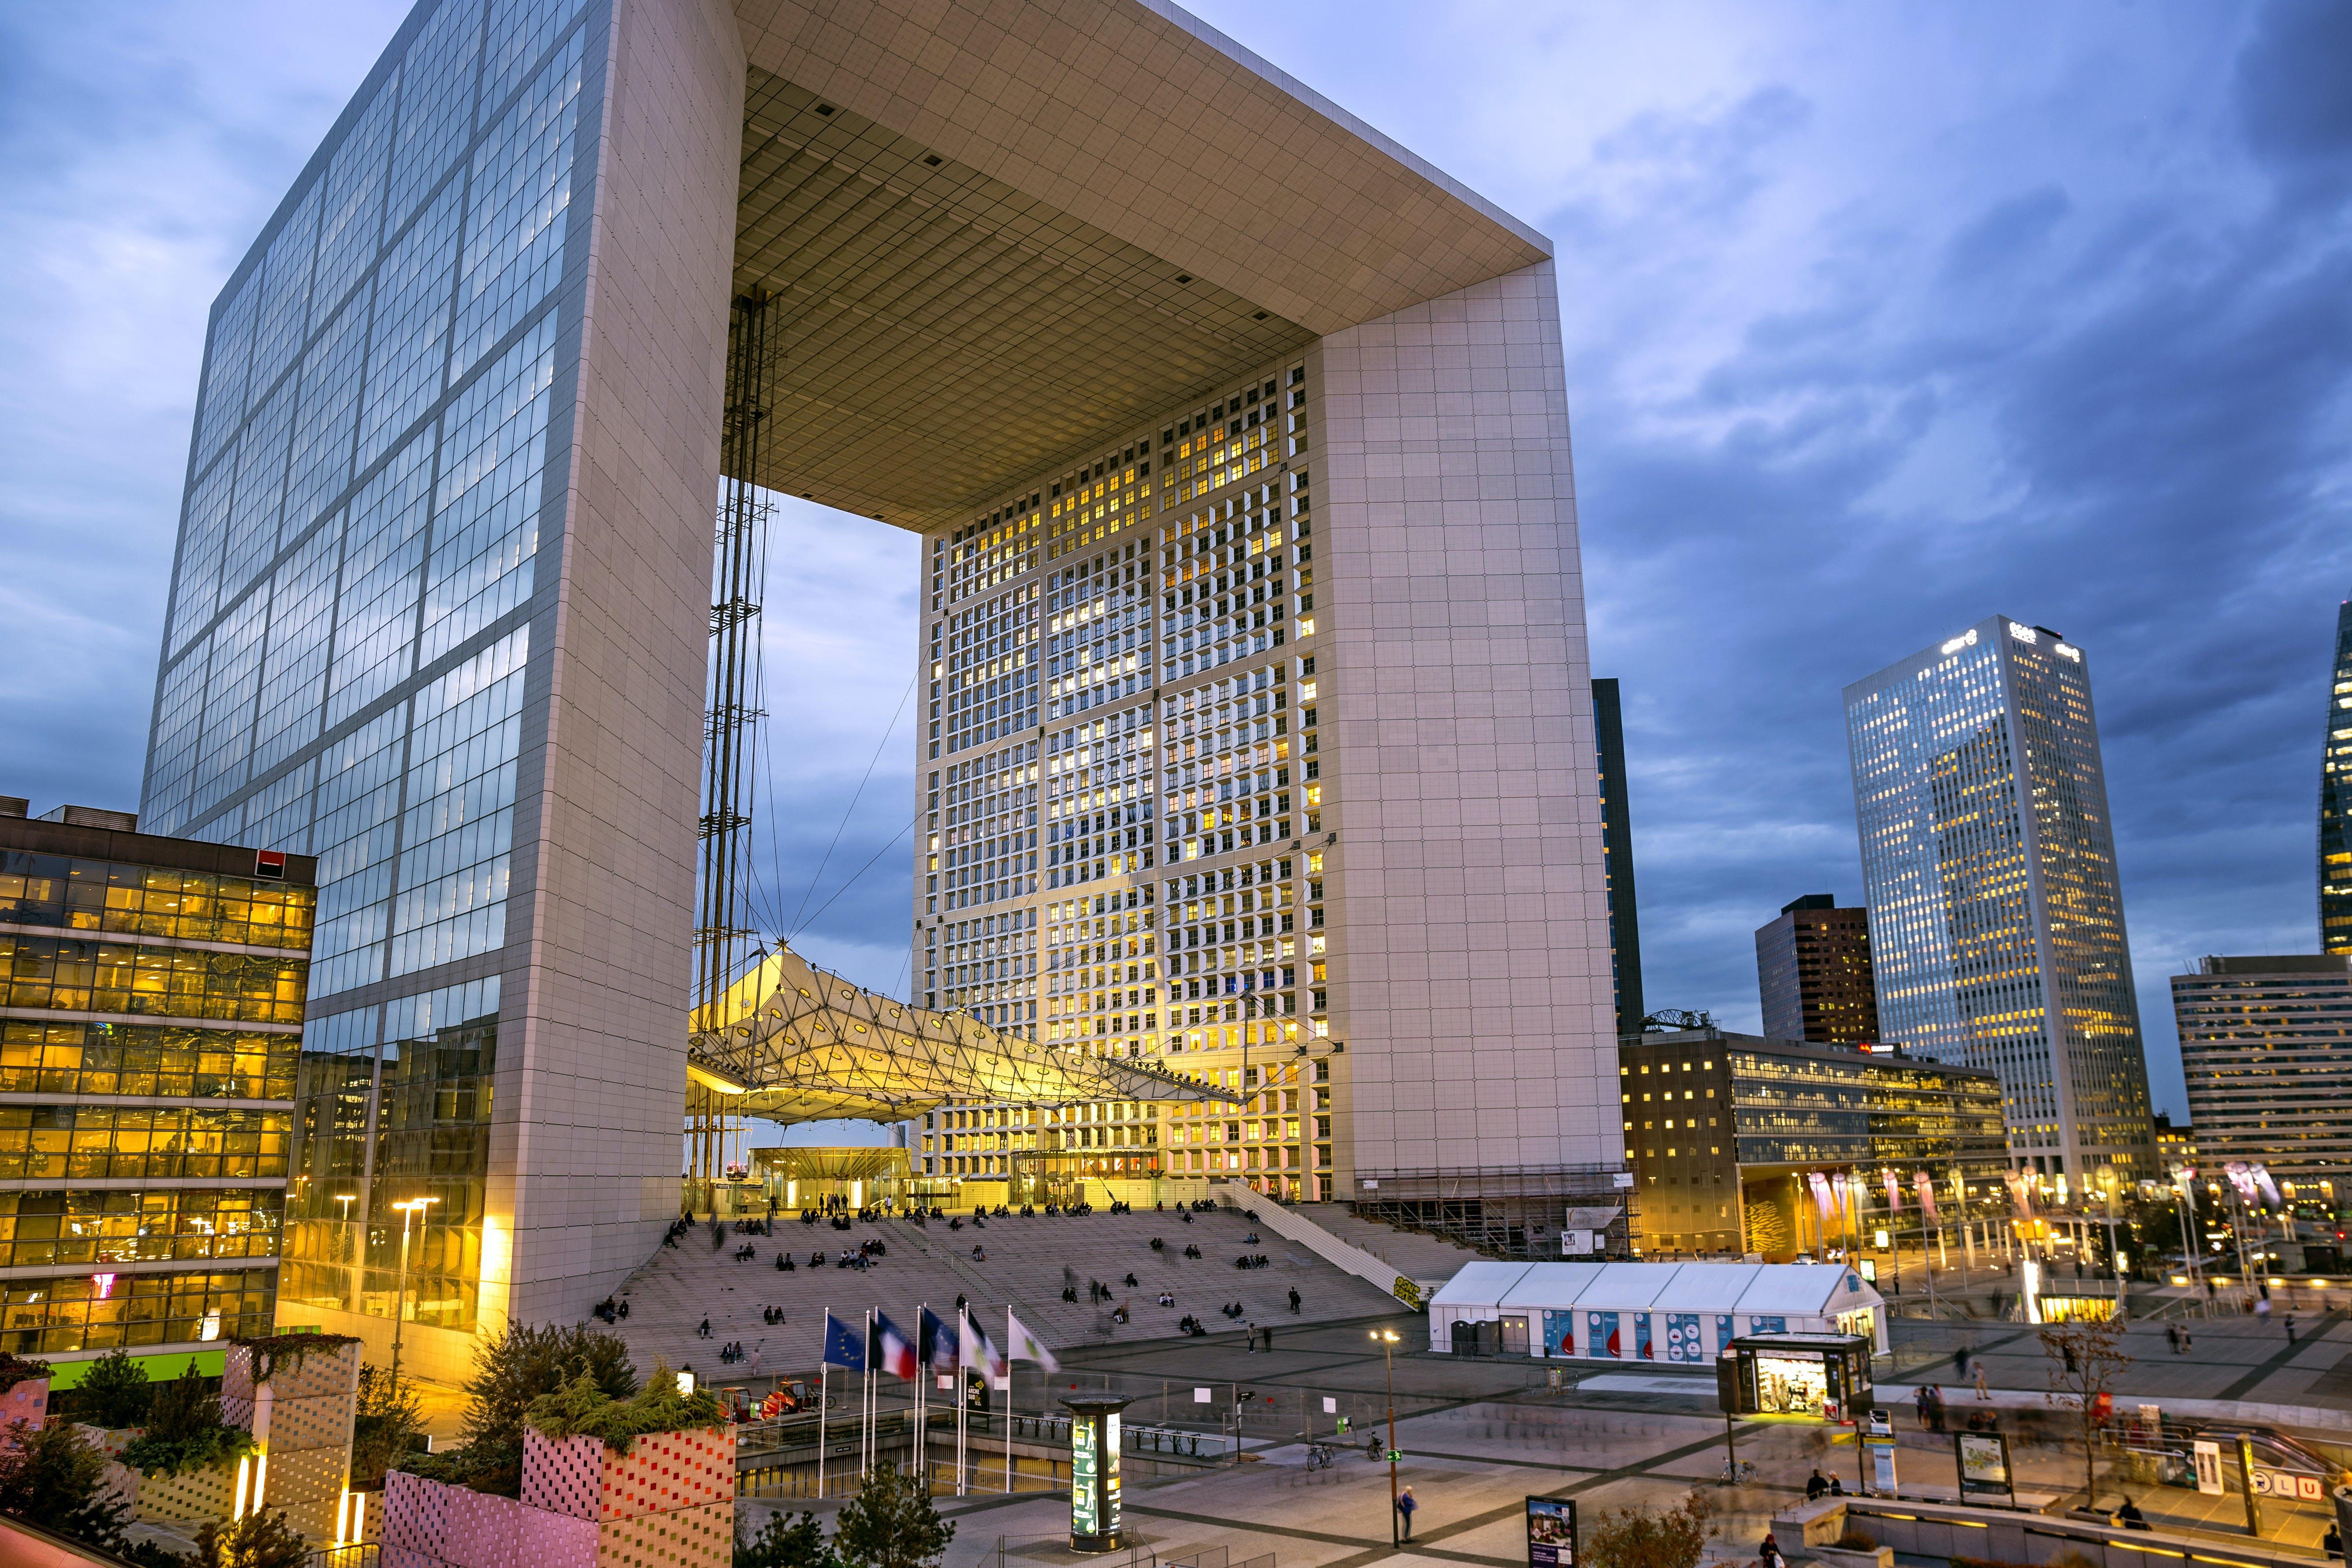 The Grande Arche de la Défense | musement